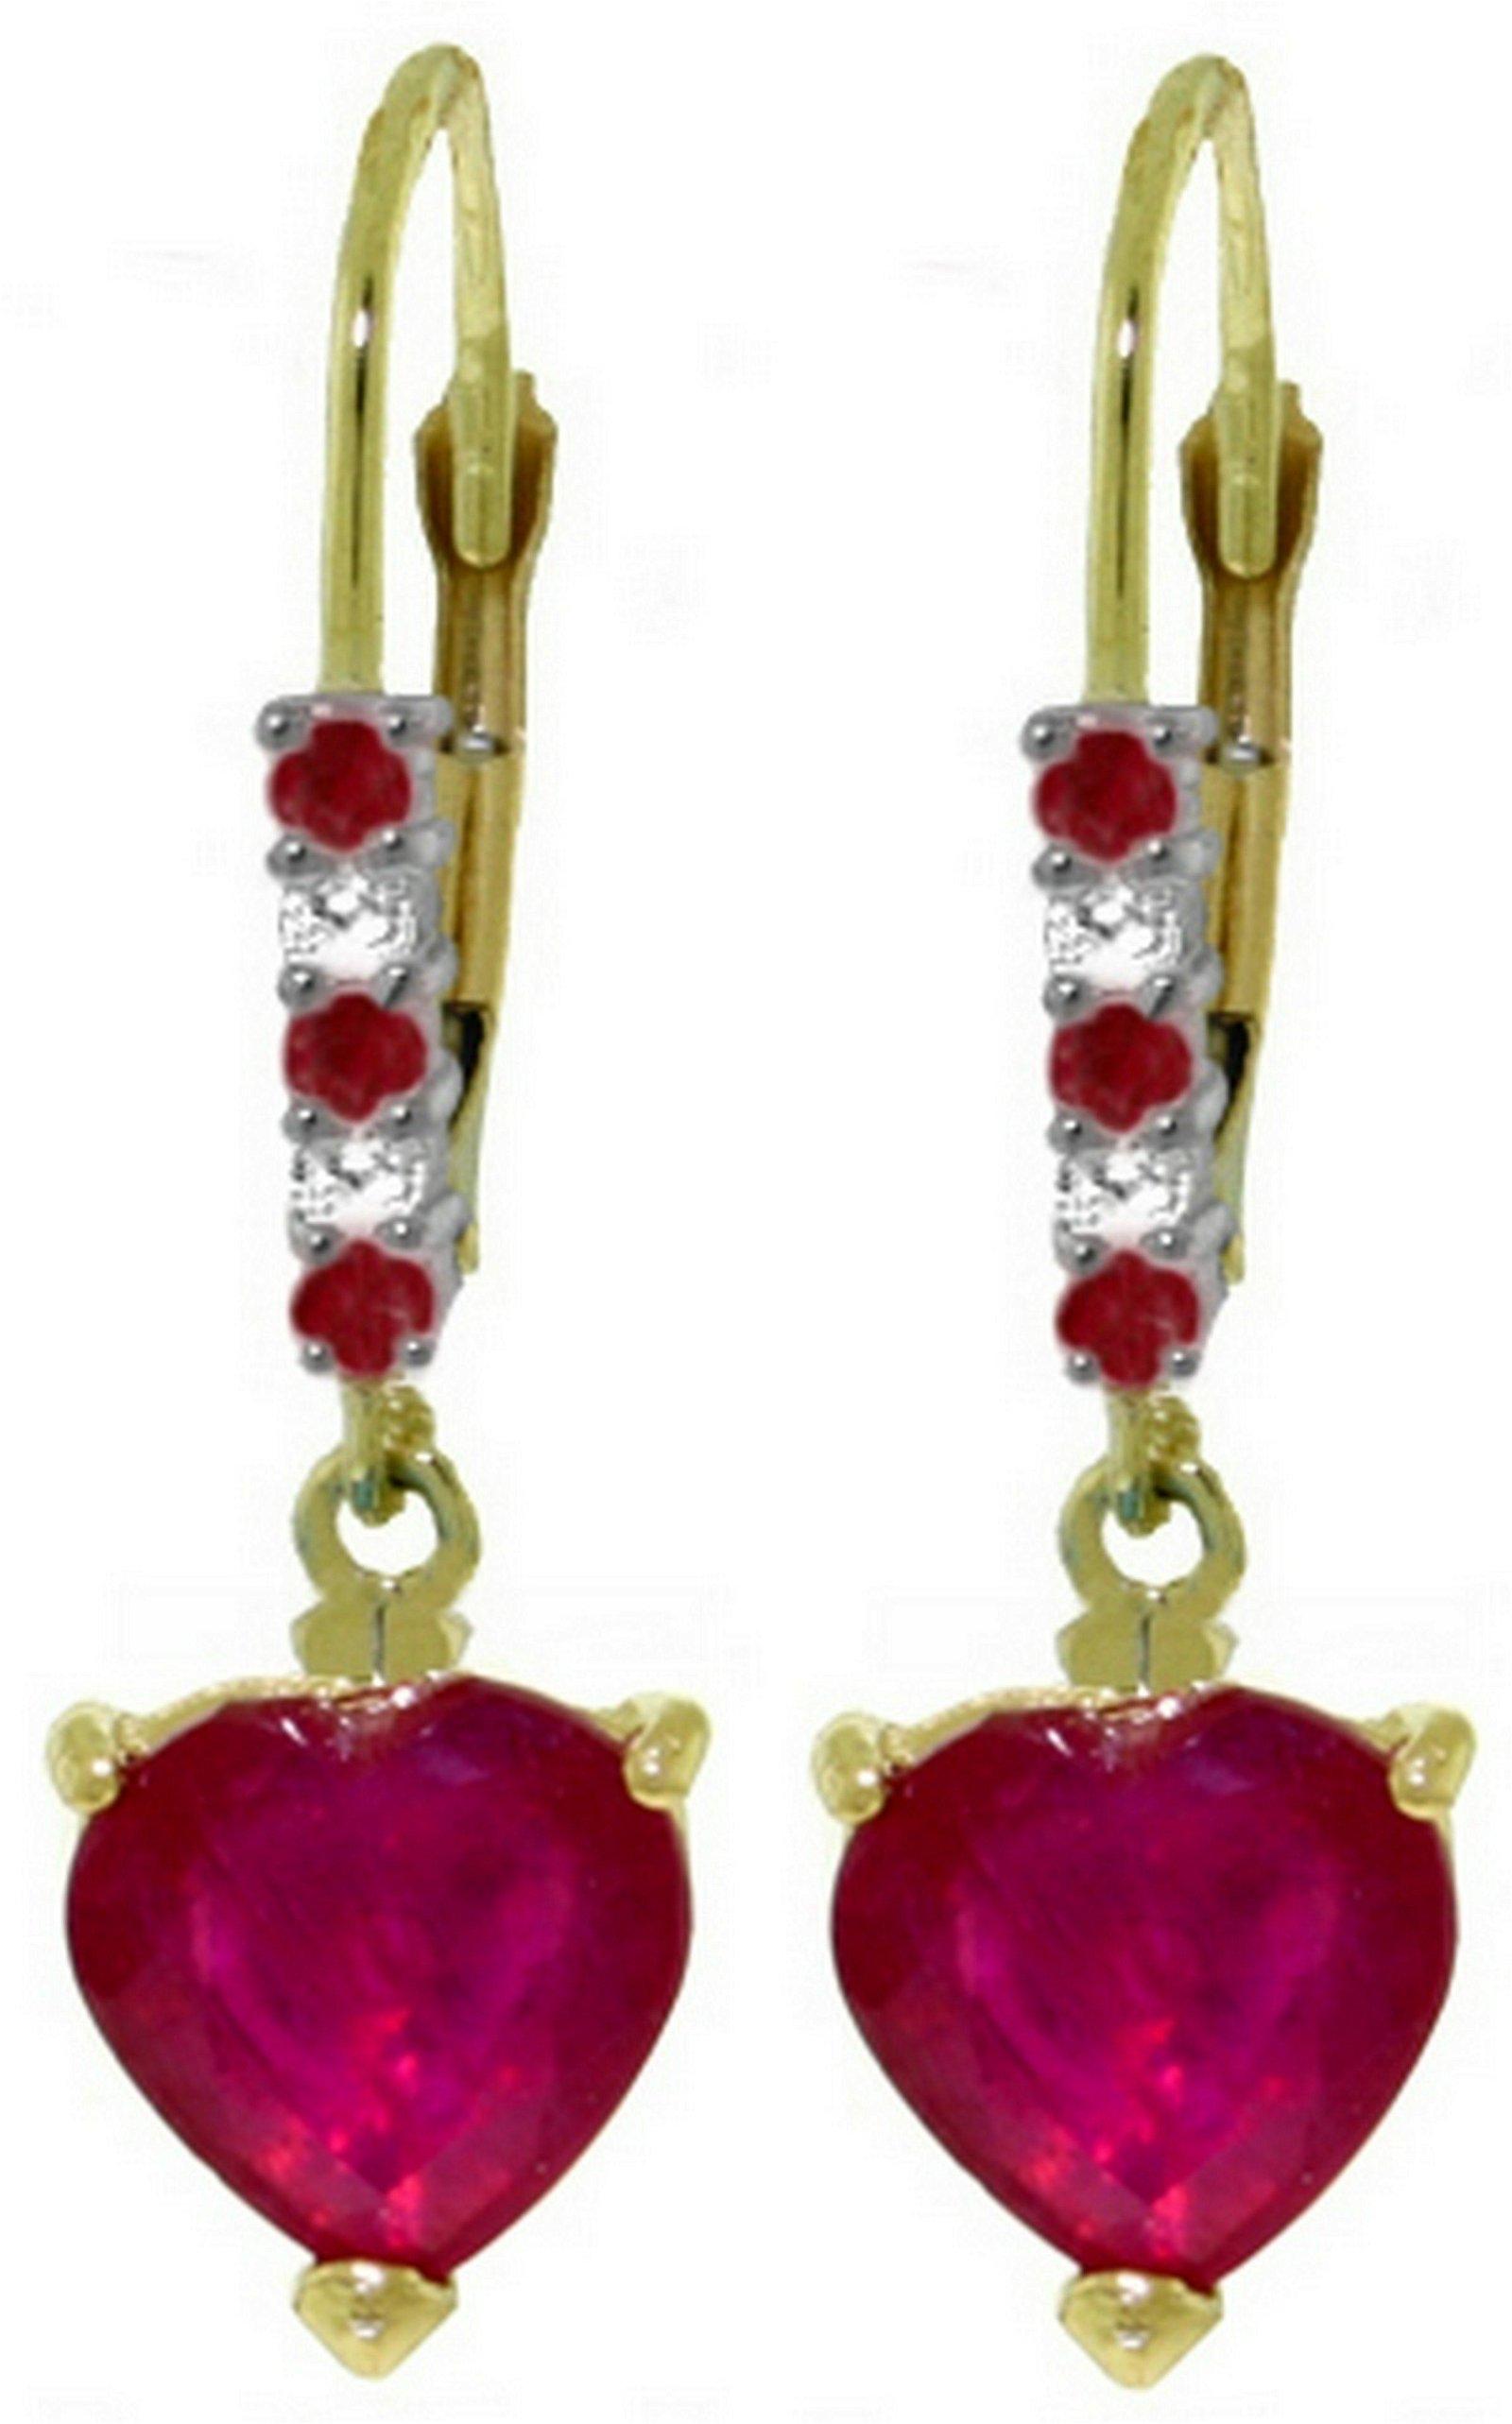 Genuine 2.98 ctw Ruby & Diamond Earrings Jewelry 14KT